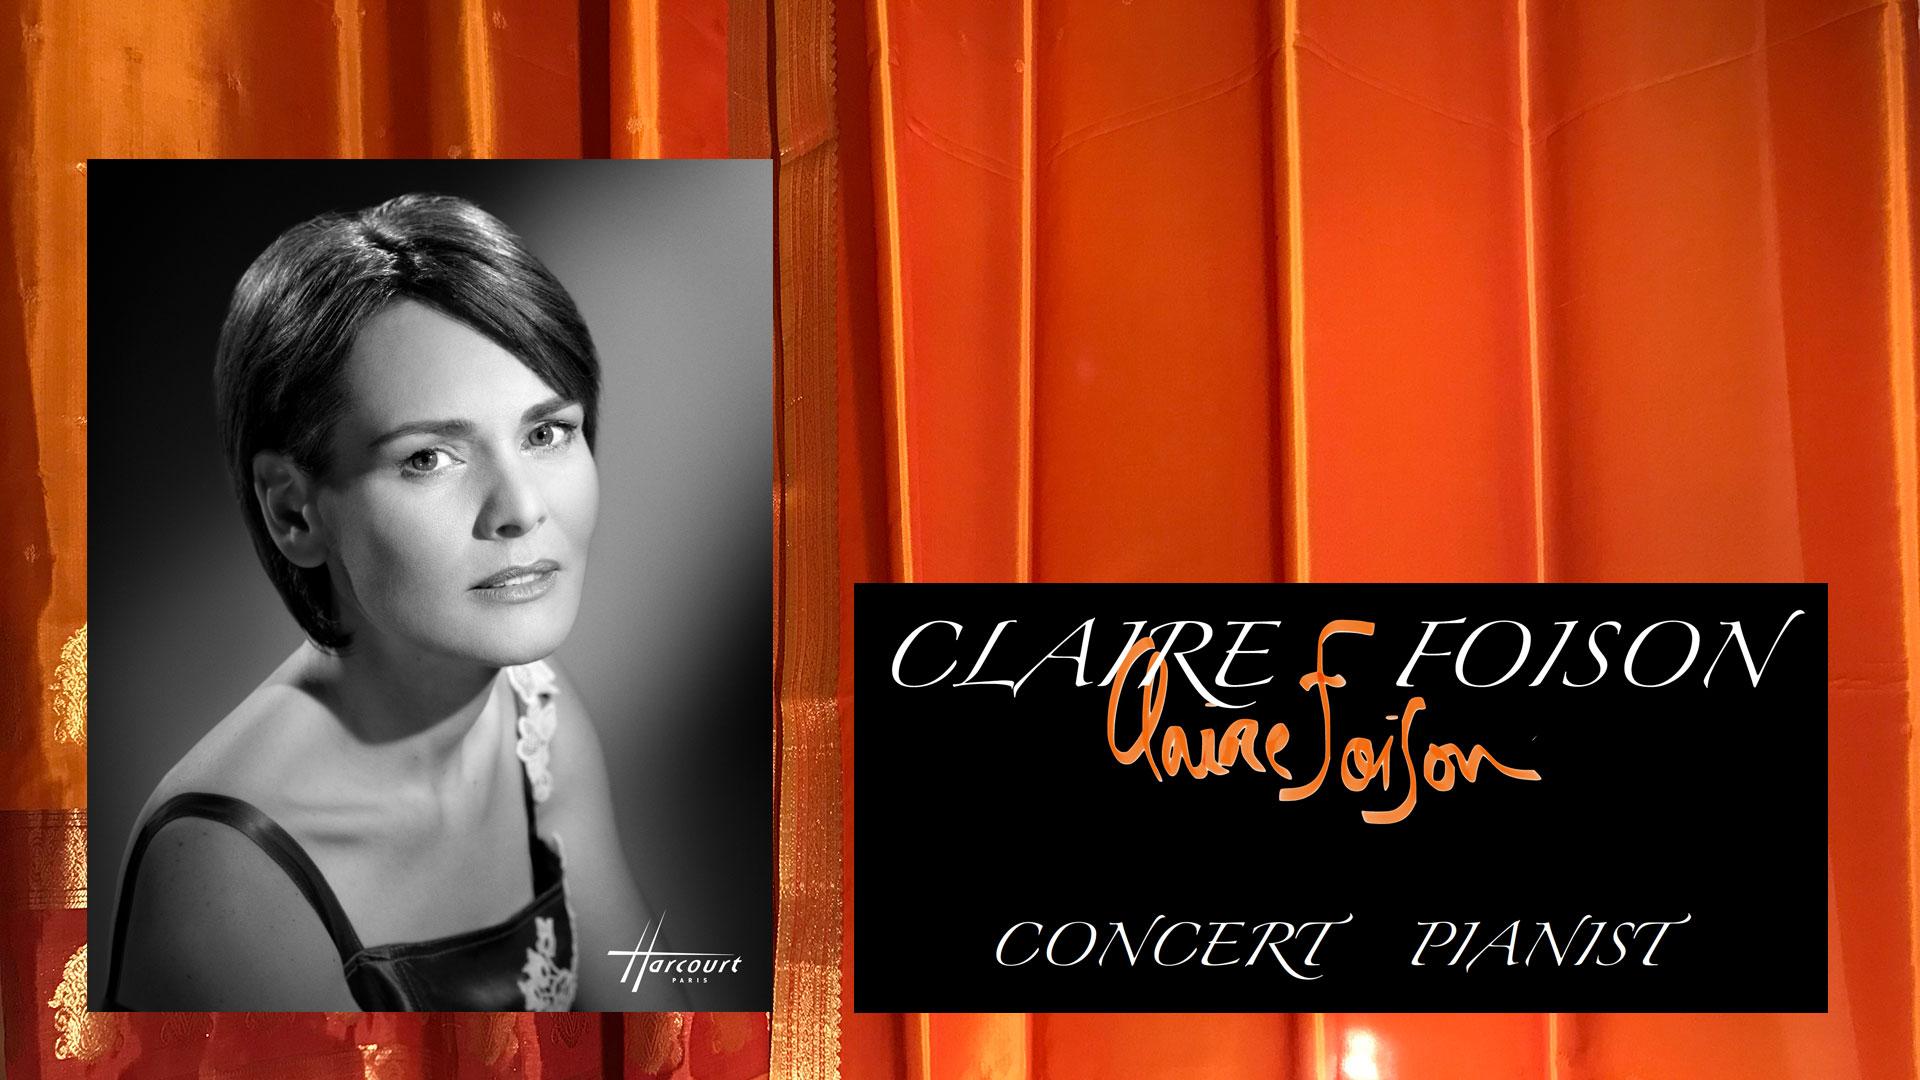 Claire Foison, Pianist